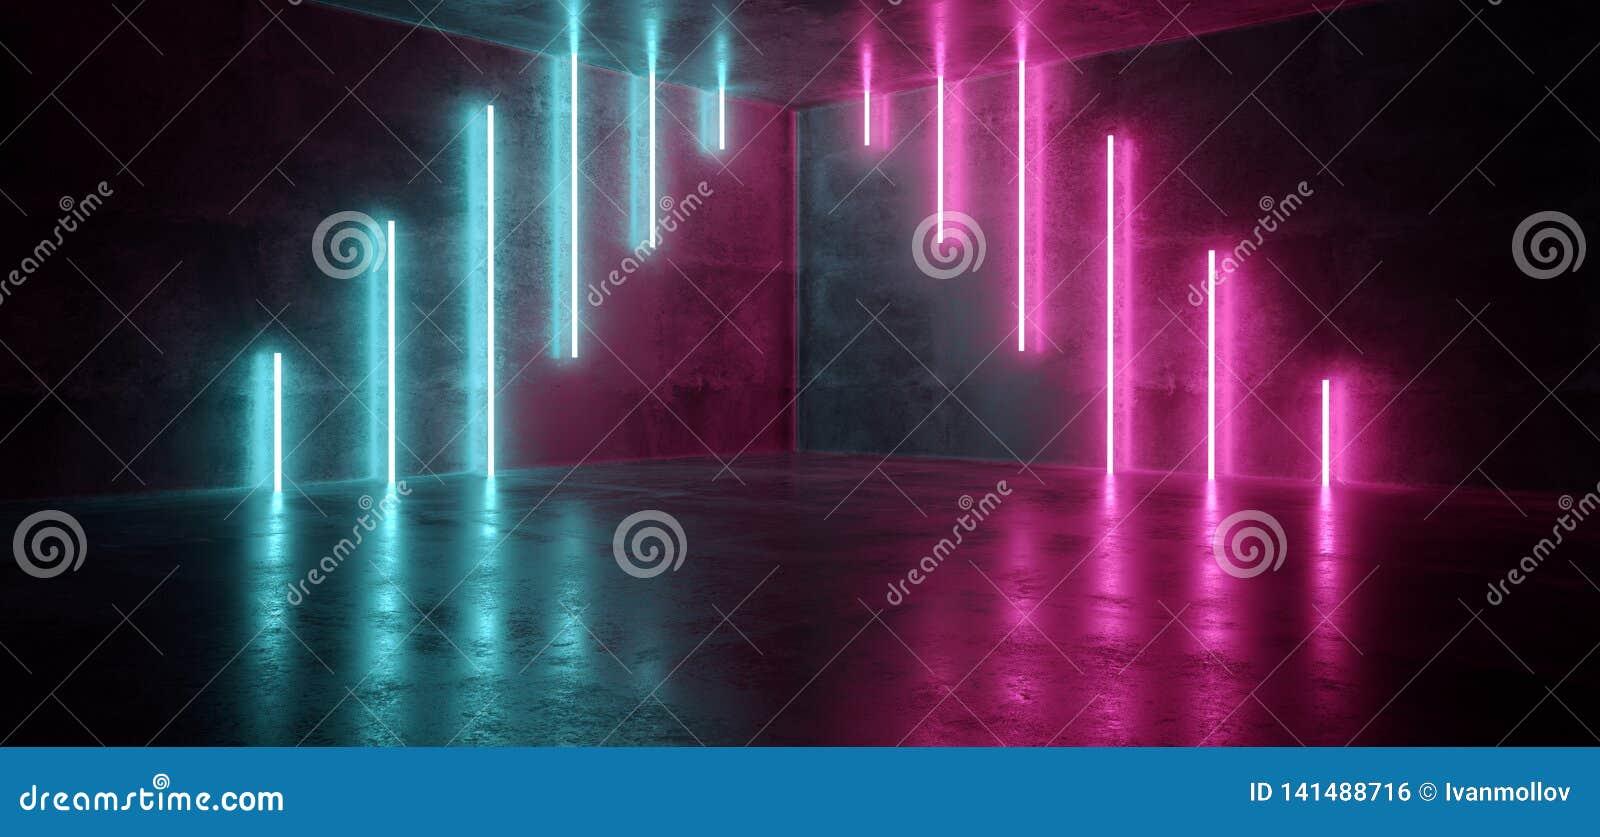 科学幻想小说蓝色桃红色紫色霓虹未来派计算机国际庞克发光的减速火箭的现代充满活力的光激光展示空的阶段室反射性的霍尔